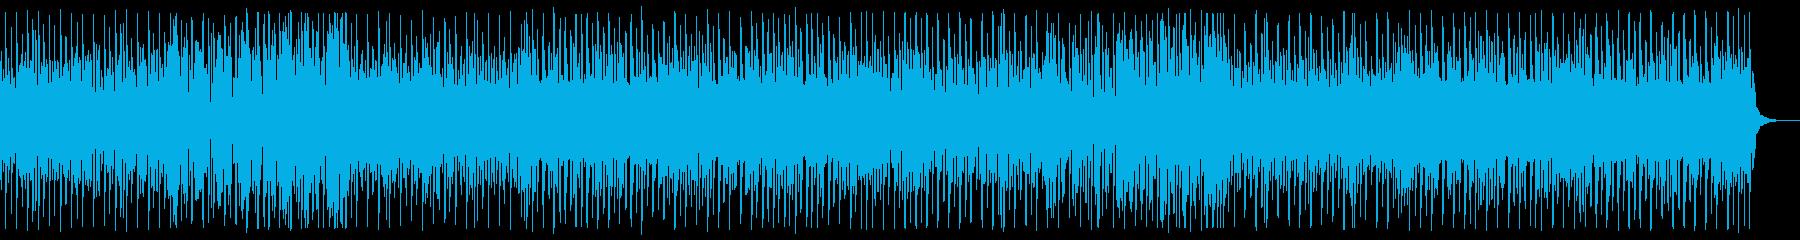 Ween80sの再生済みの波形